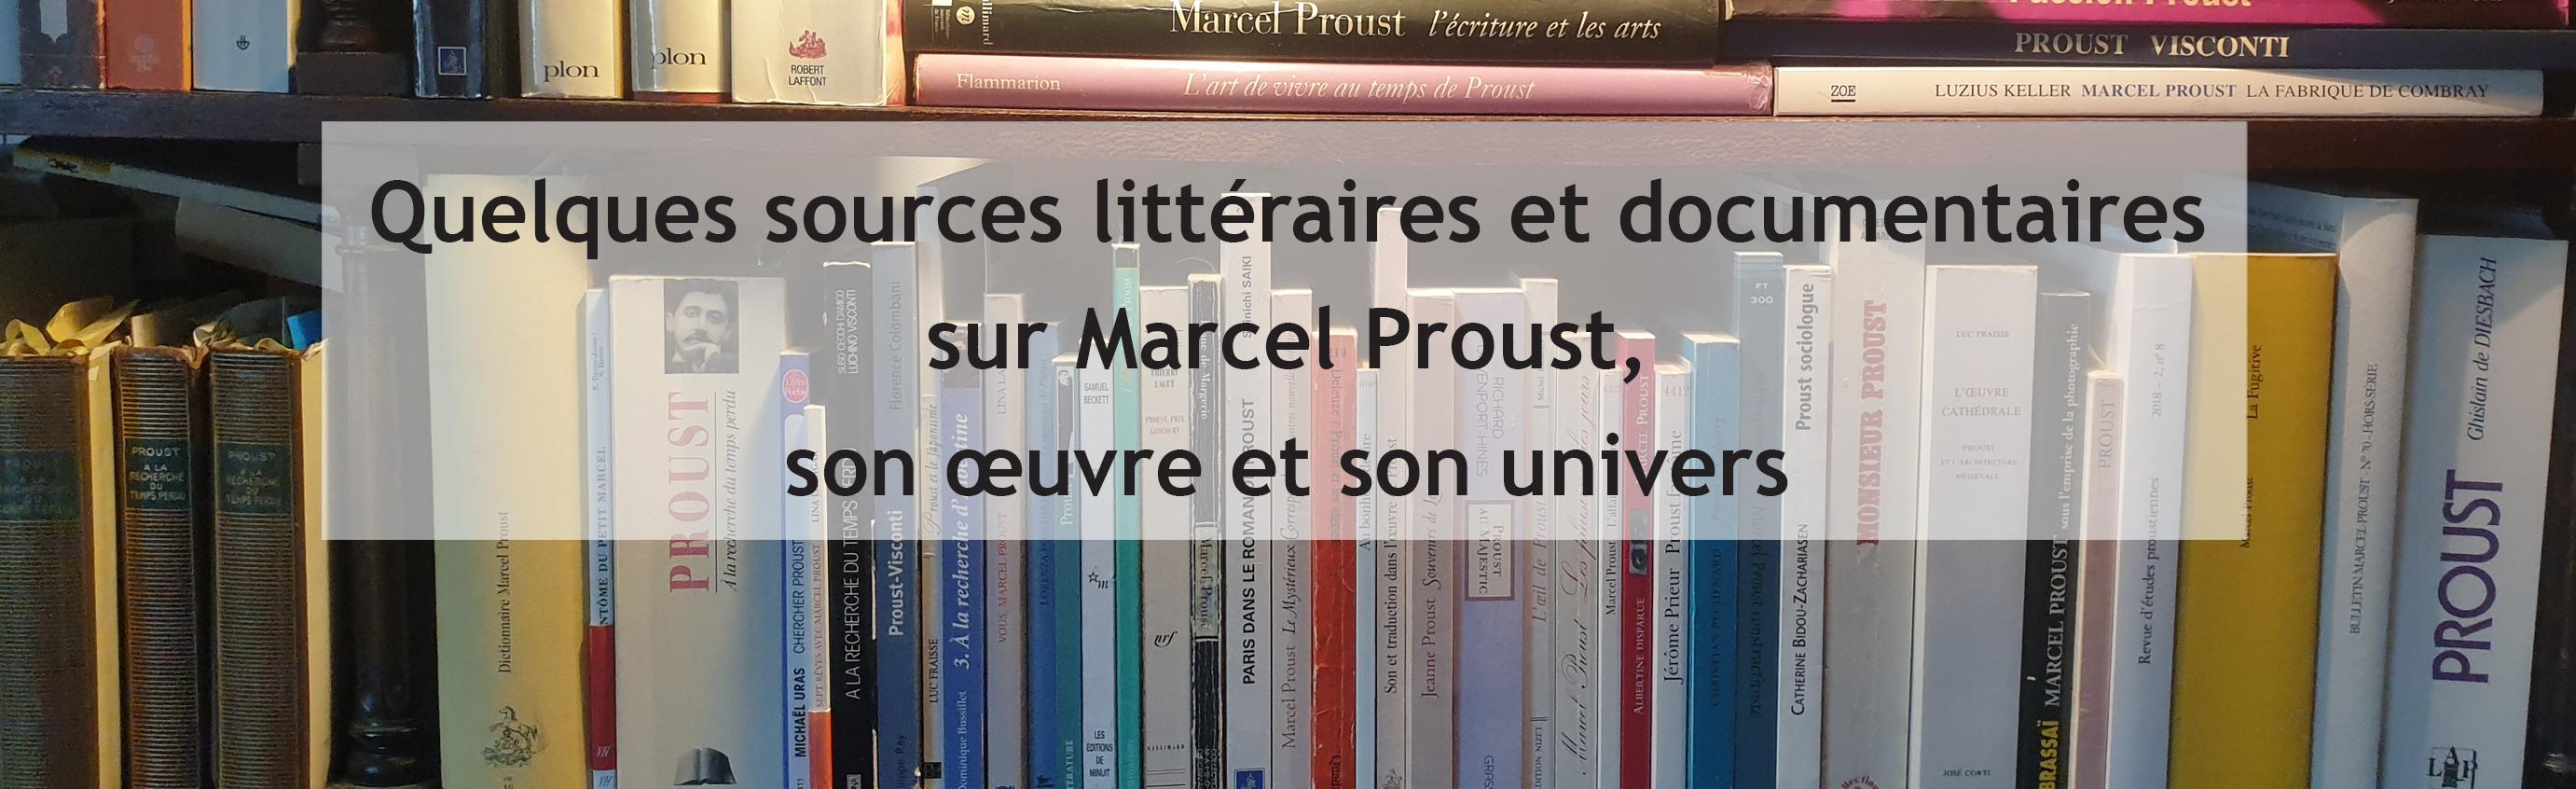 Sources littéraires sur marcel proust